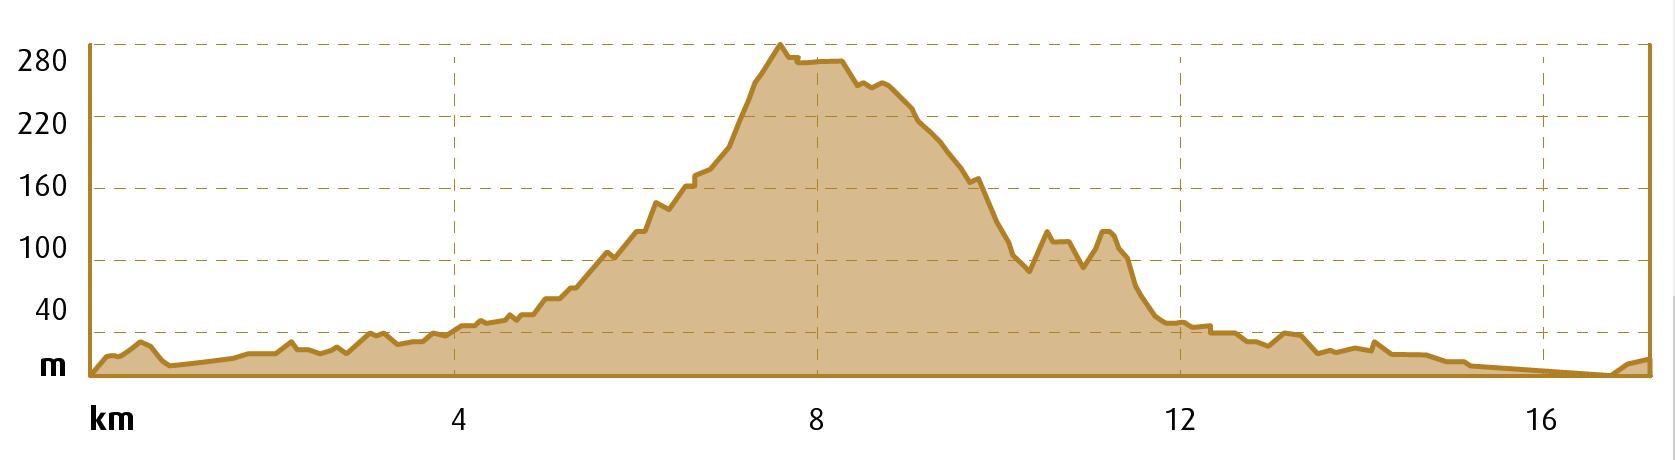 Montgròs